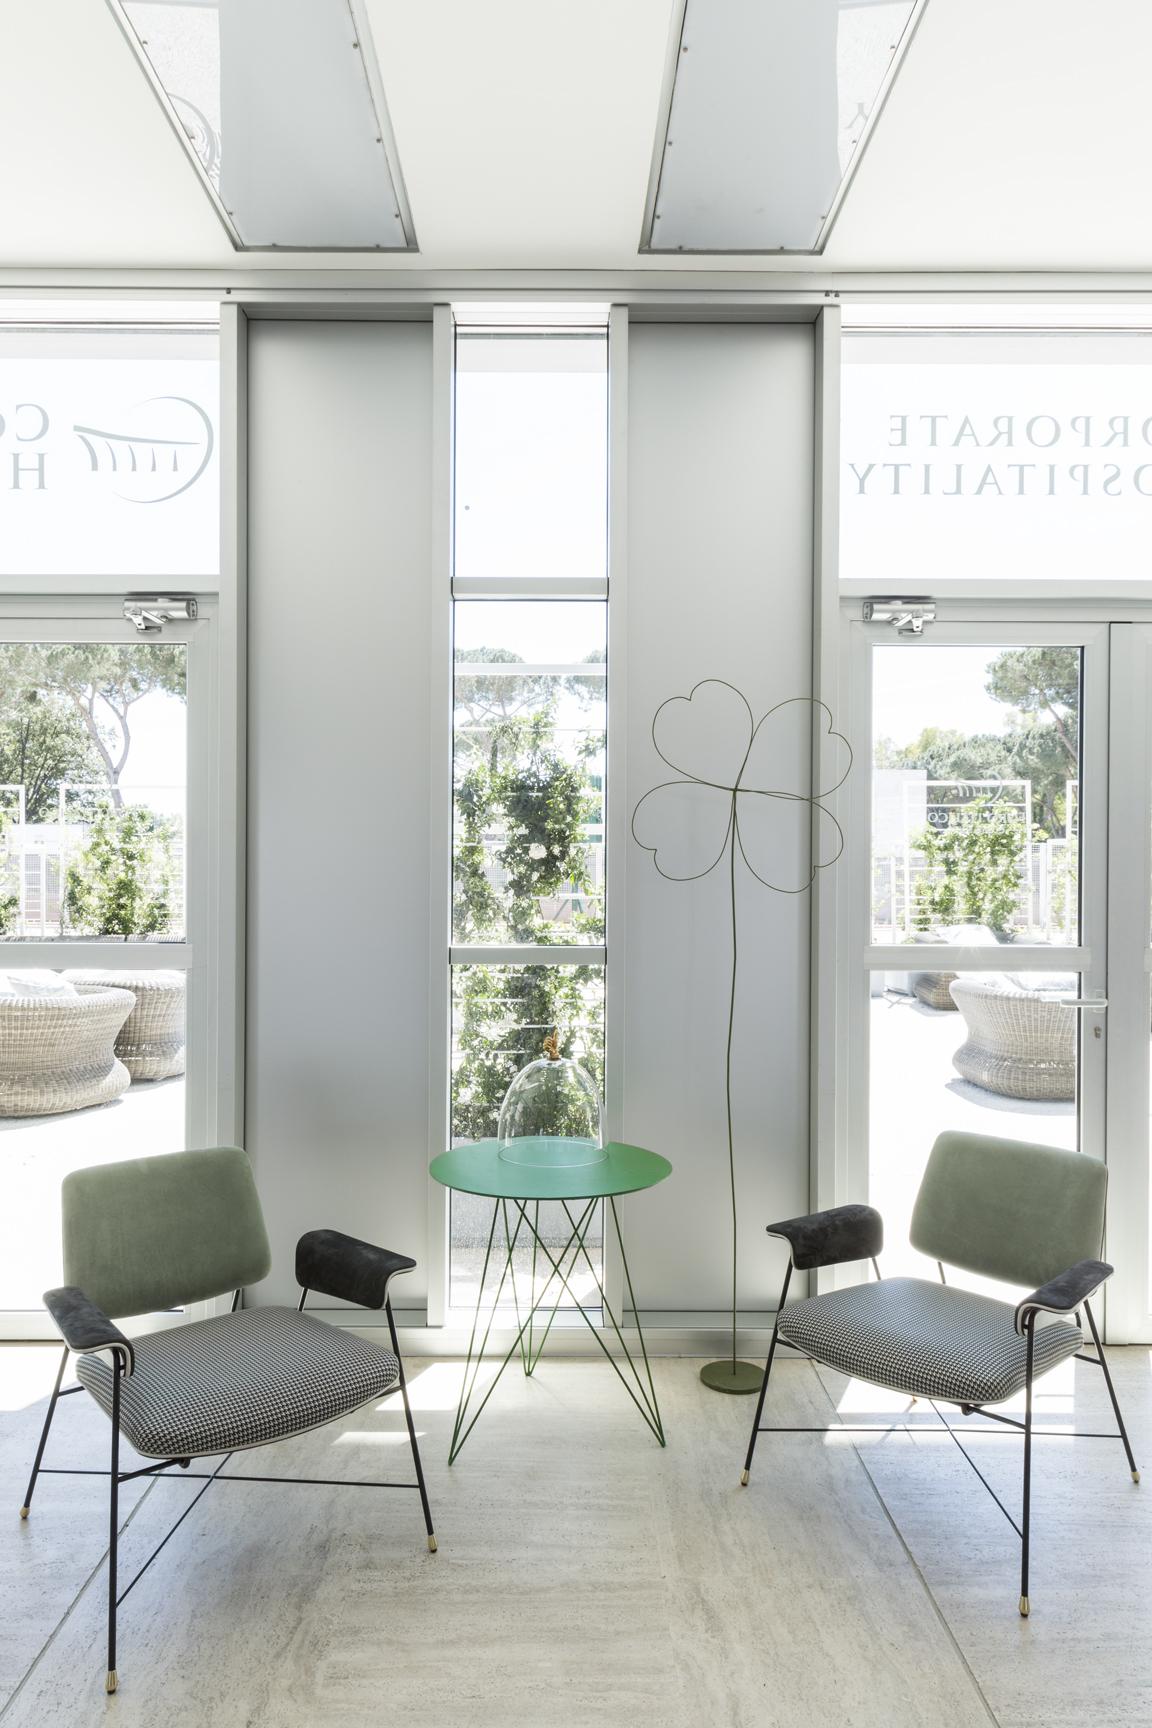 Foro Italico Club - Ideal Landscape 2